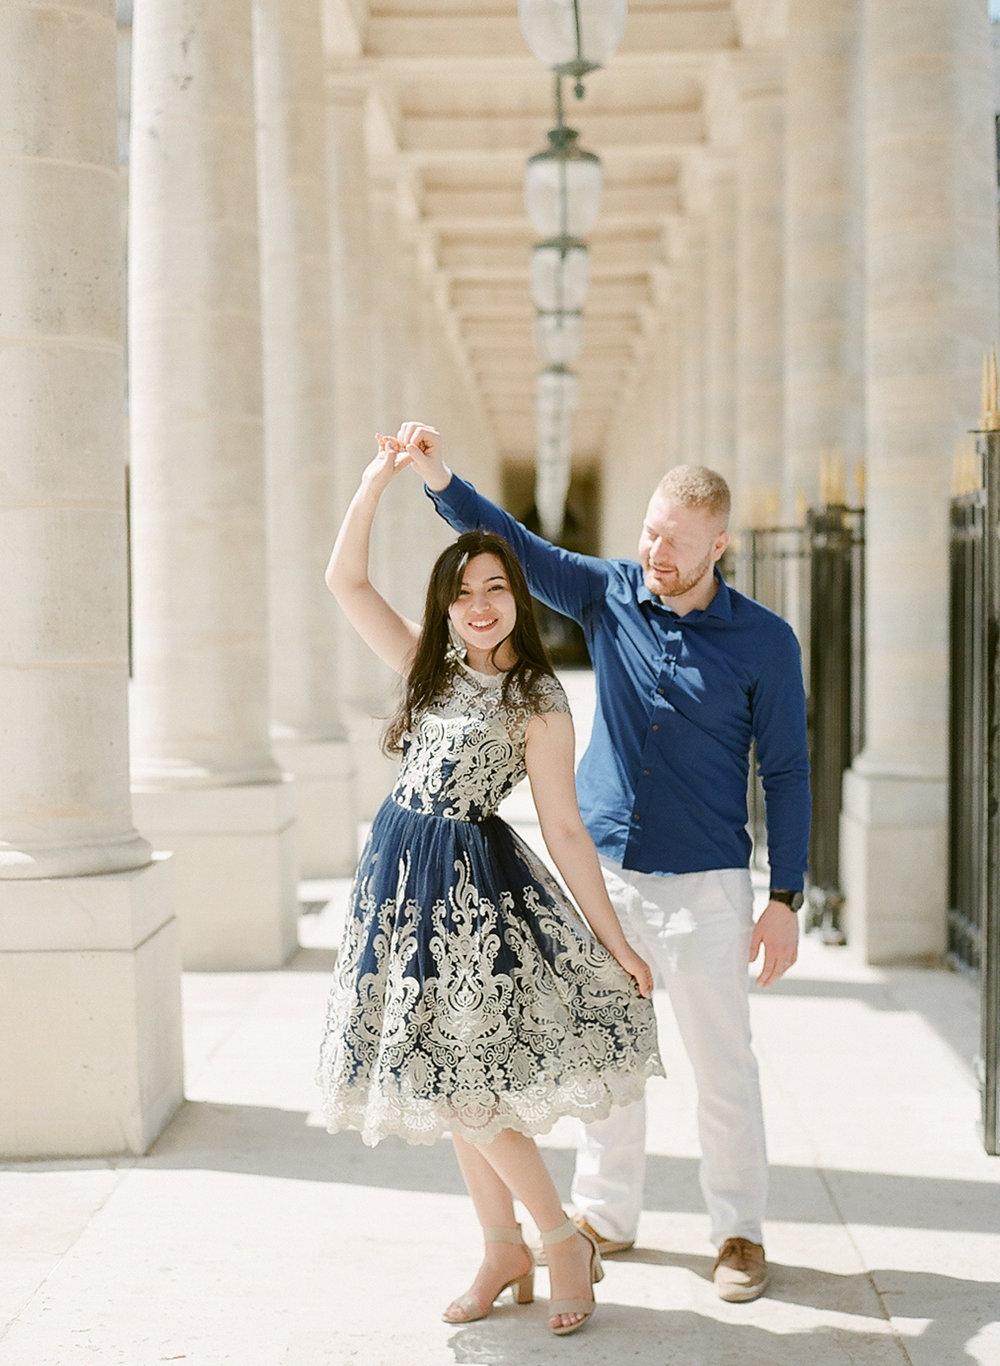 www.bonphotage.com Bonphotage Paris Fine Art Wedding Photography